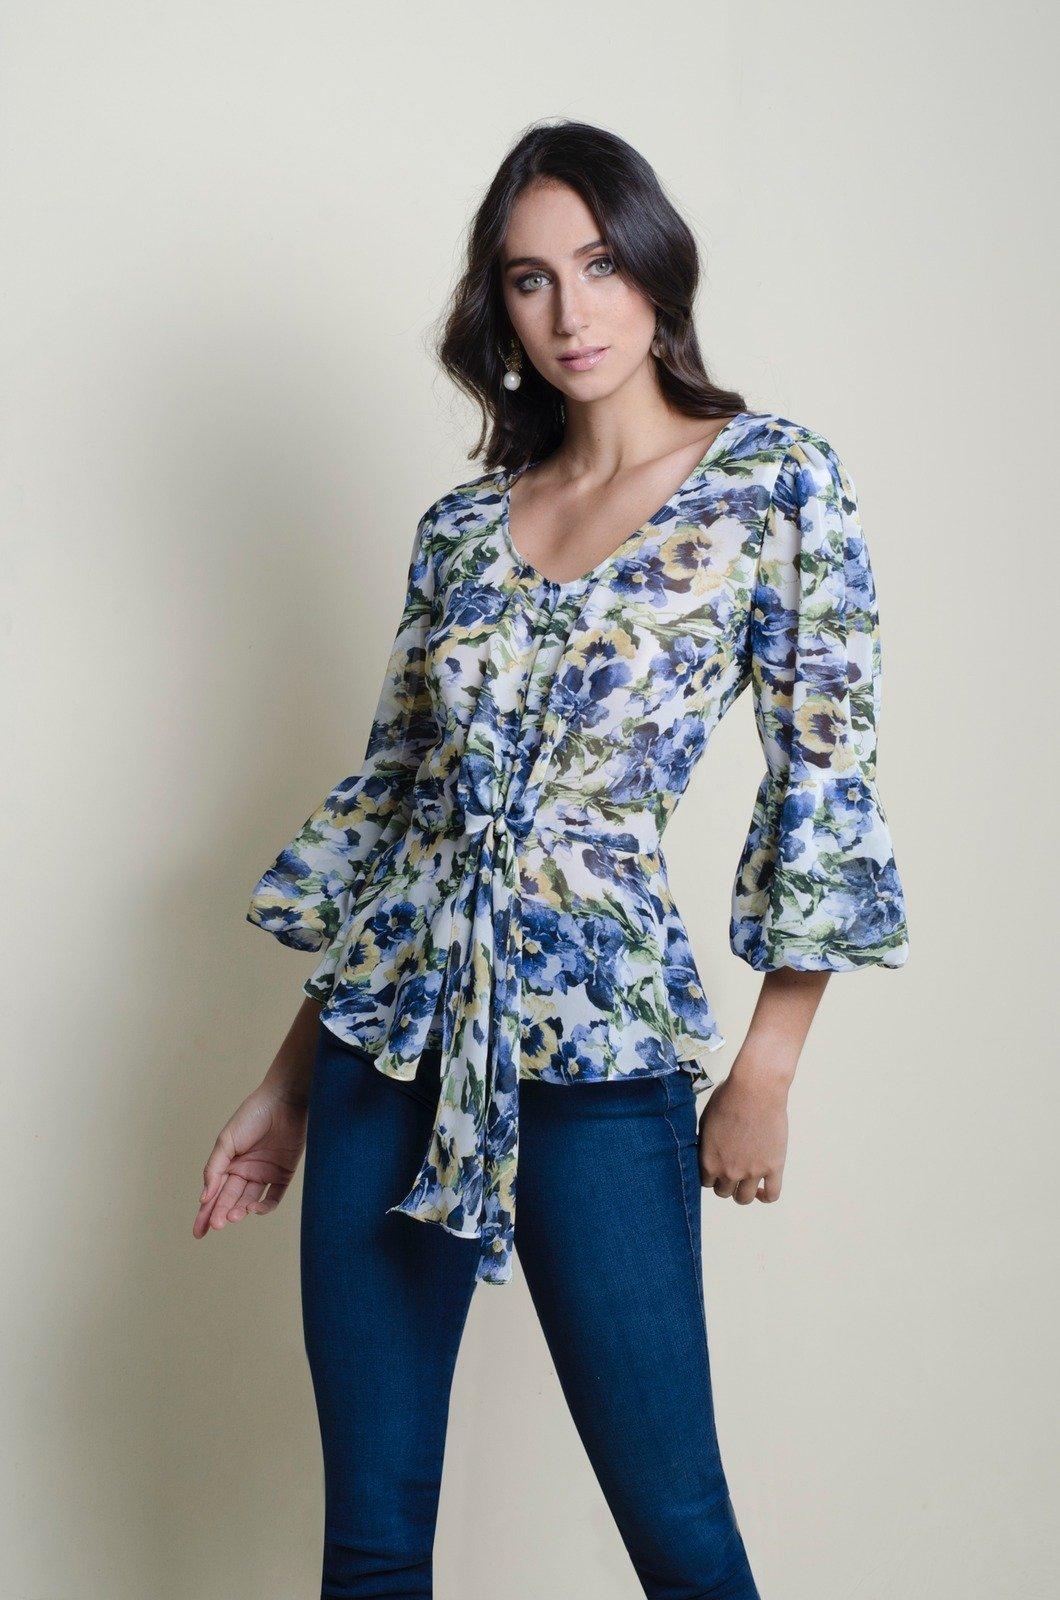 Blusa con tira de amarrar en la cintura y falda bolero - Chazari 4060-20 EST 36 AZUL